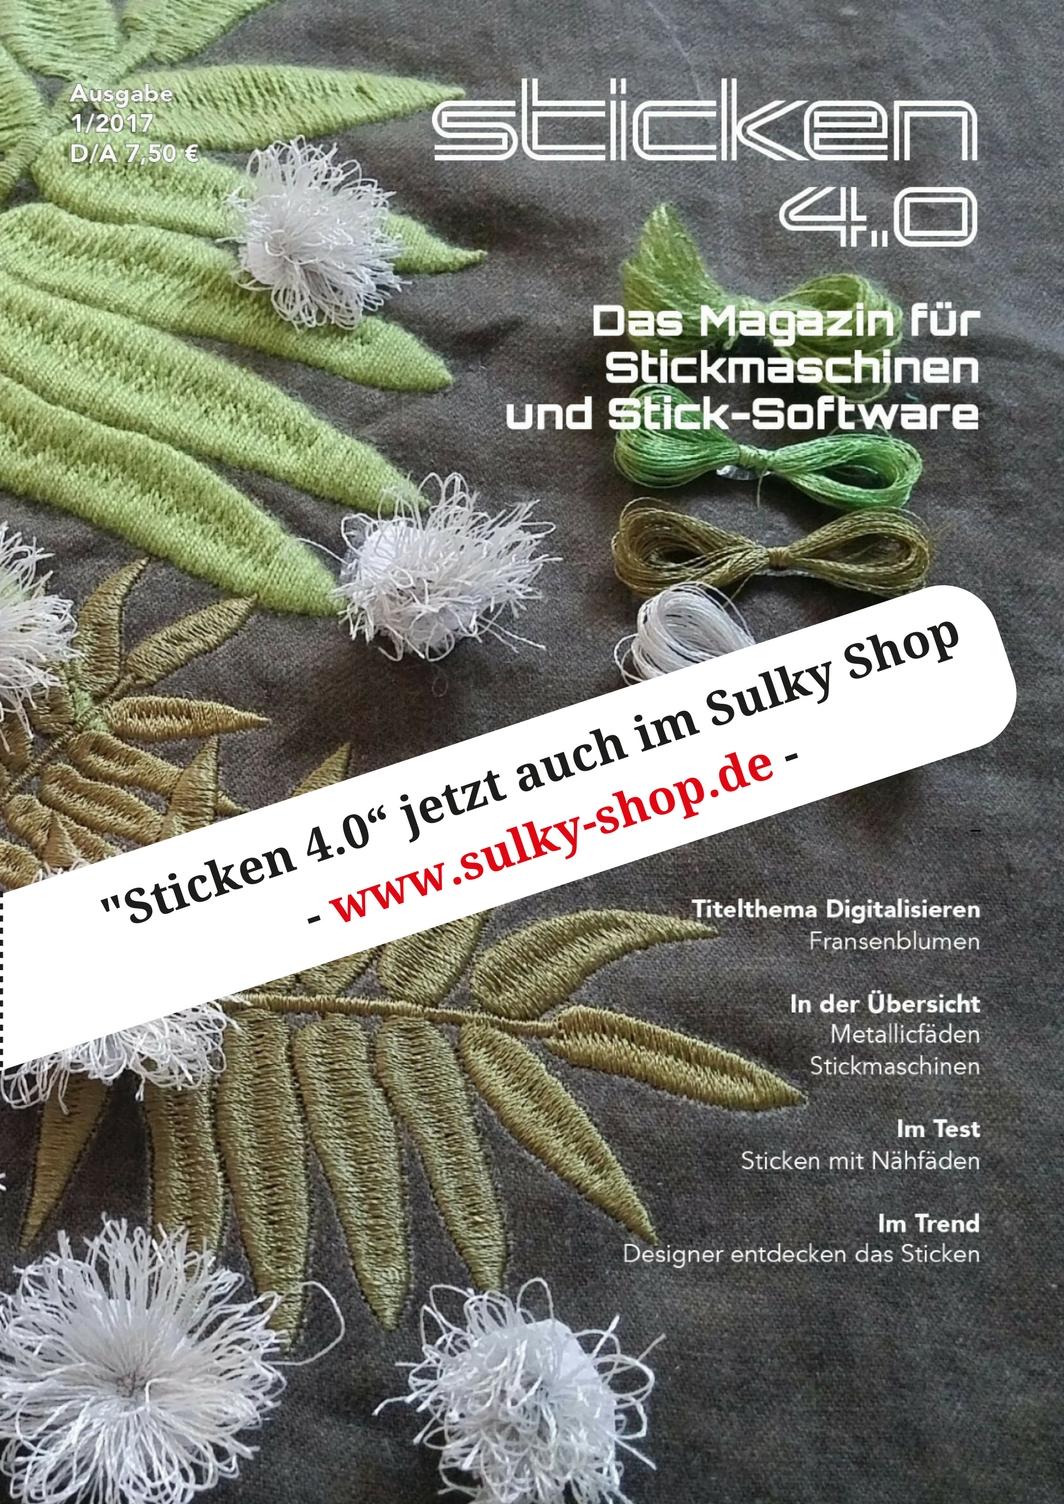 """Sticken 4.0"""" jetzt auch im Sulky Shop.jpg"""